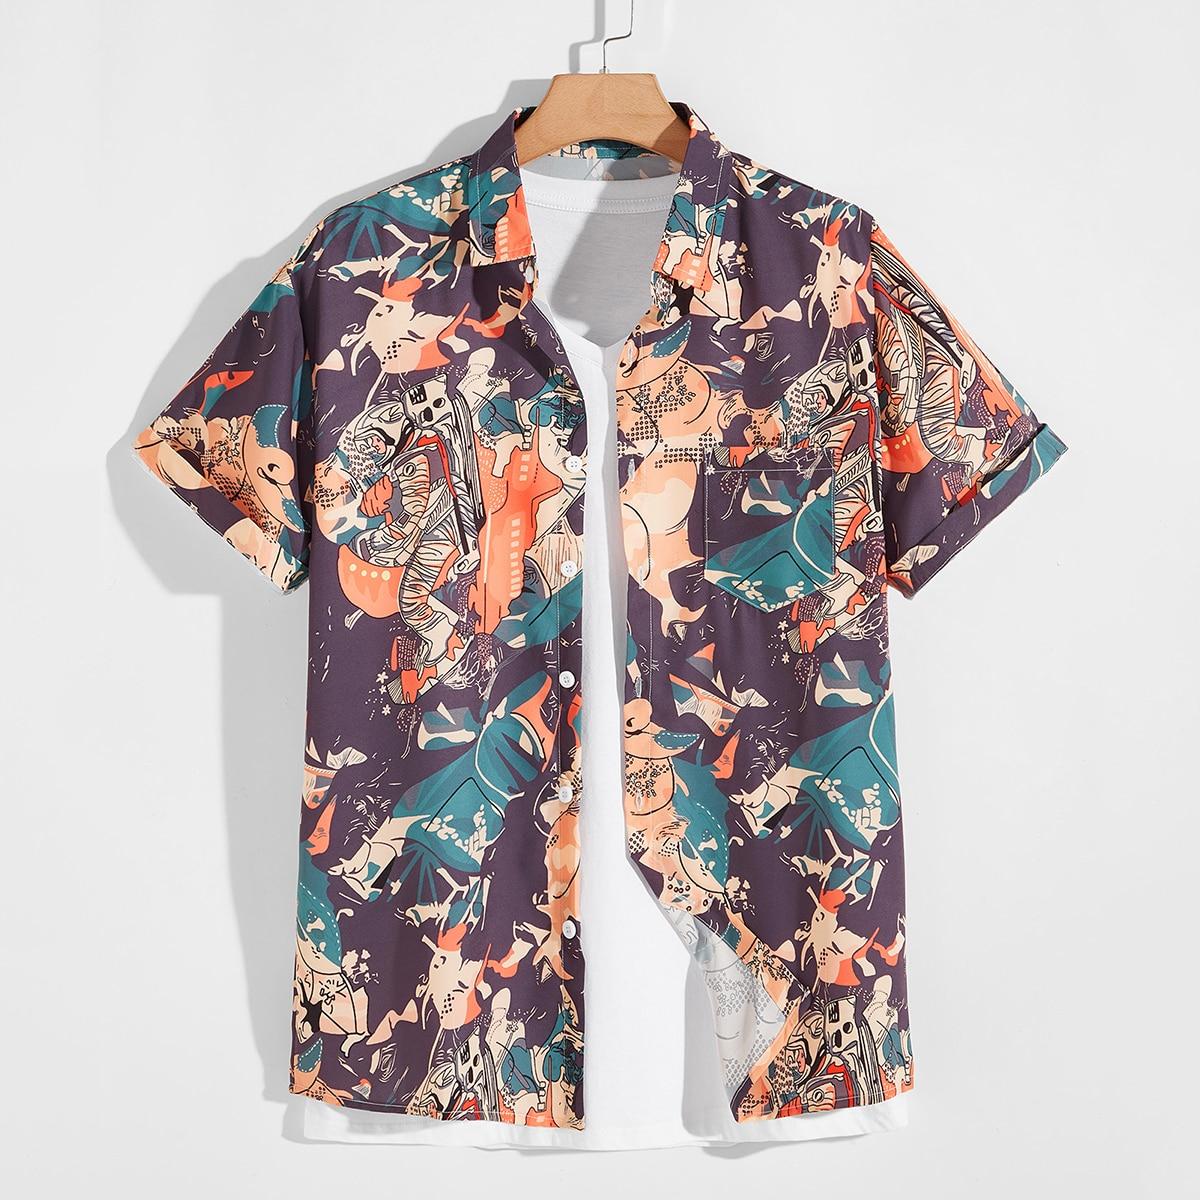 Карман Мультяшный принт Институтский Мужские рубашки по цене 960